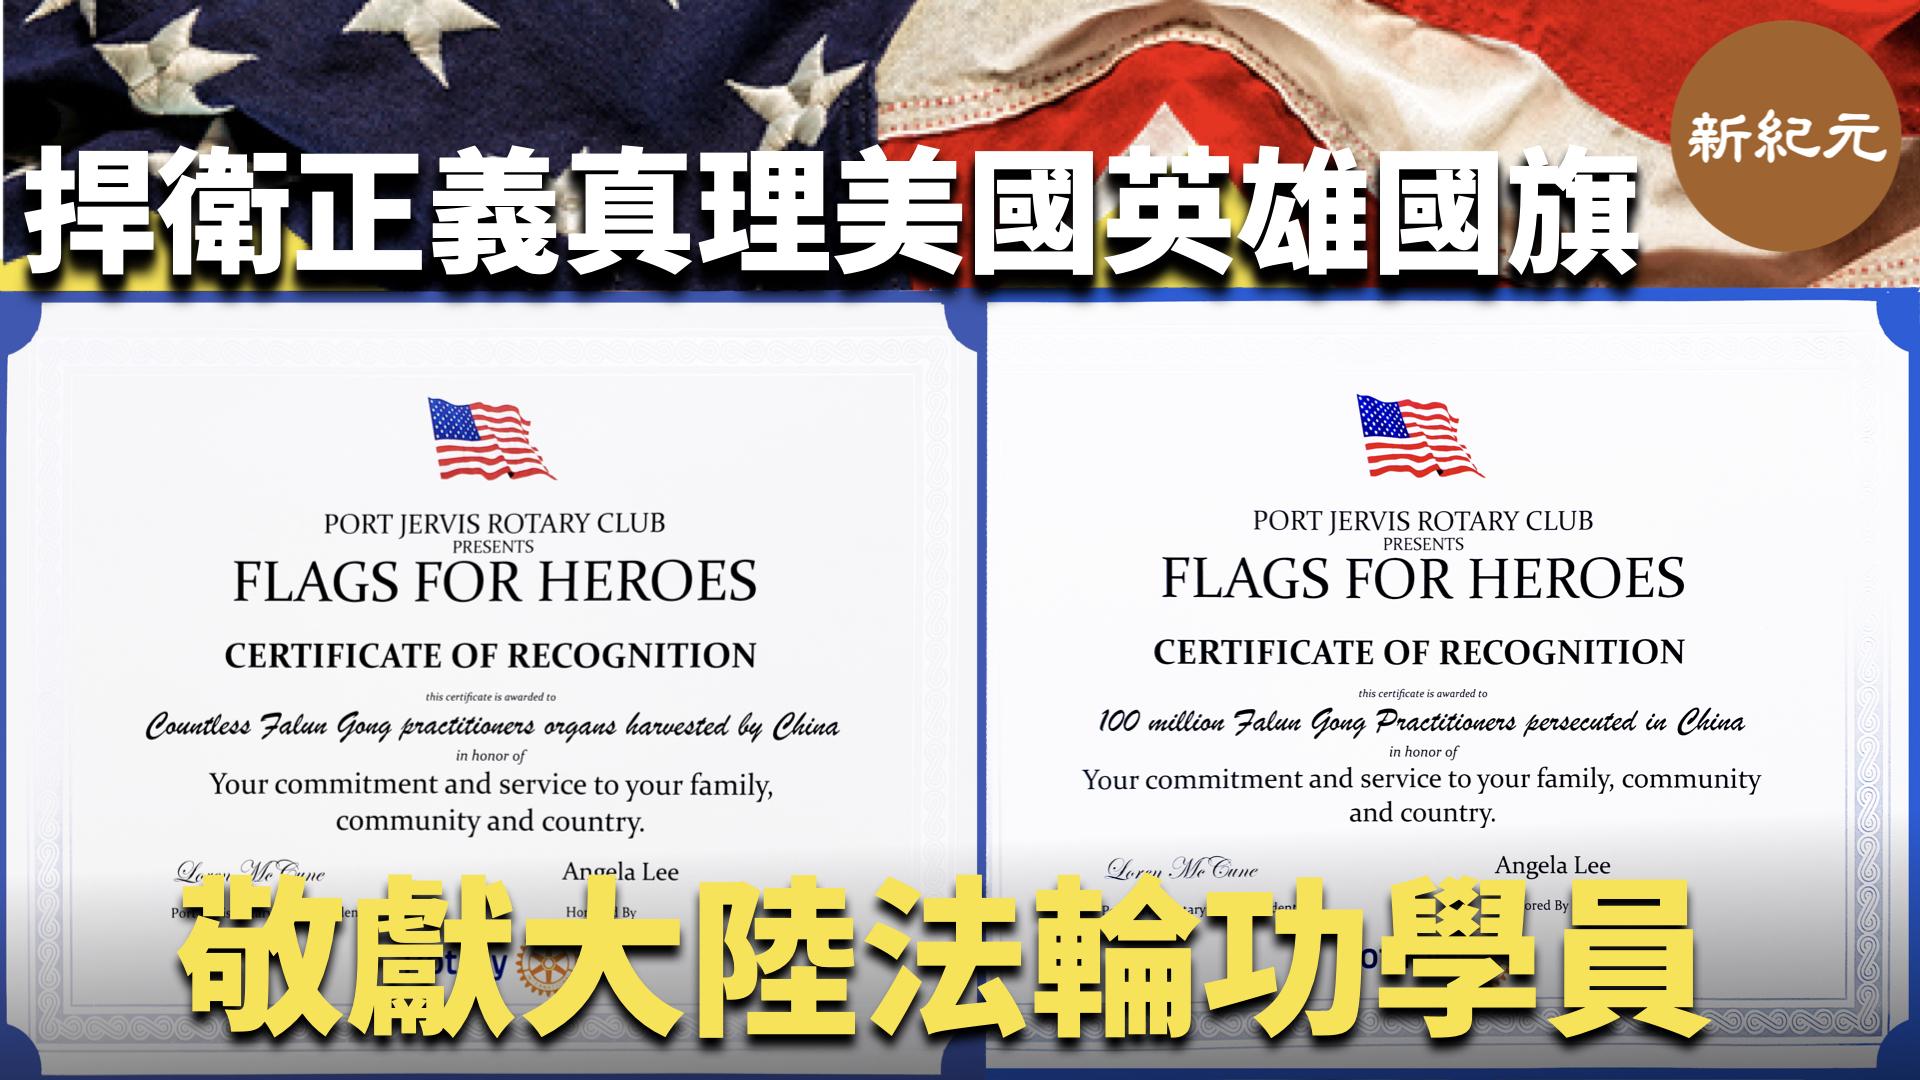 >捍衛正義真理 美國英雄國旗🇺🇸敬獻大陸法輪功學員|#新紀元